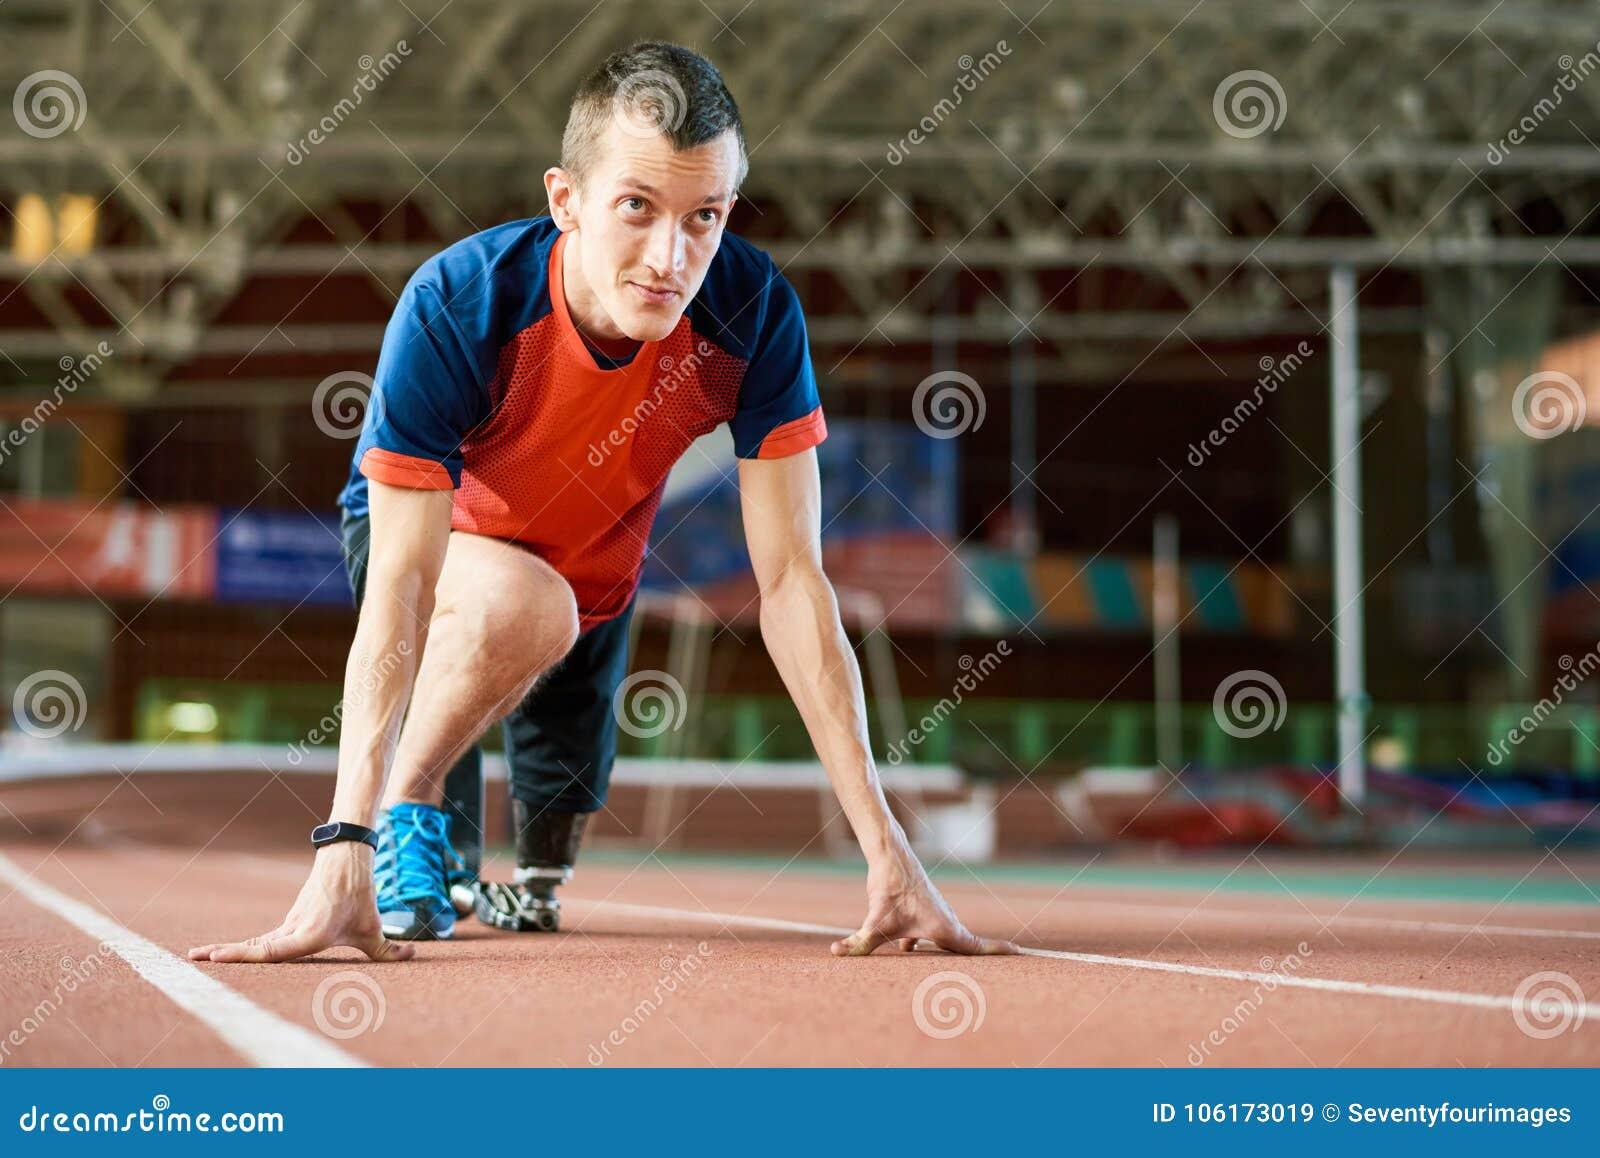 Handicapped Runner on Start